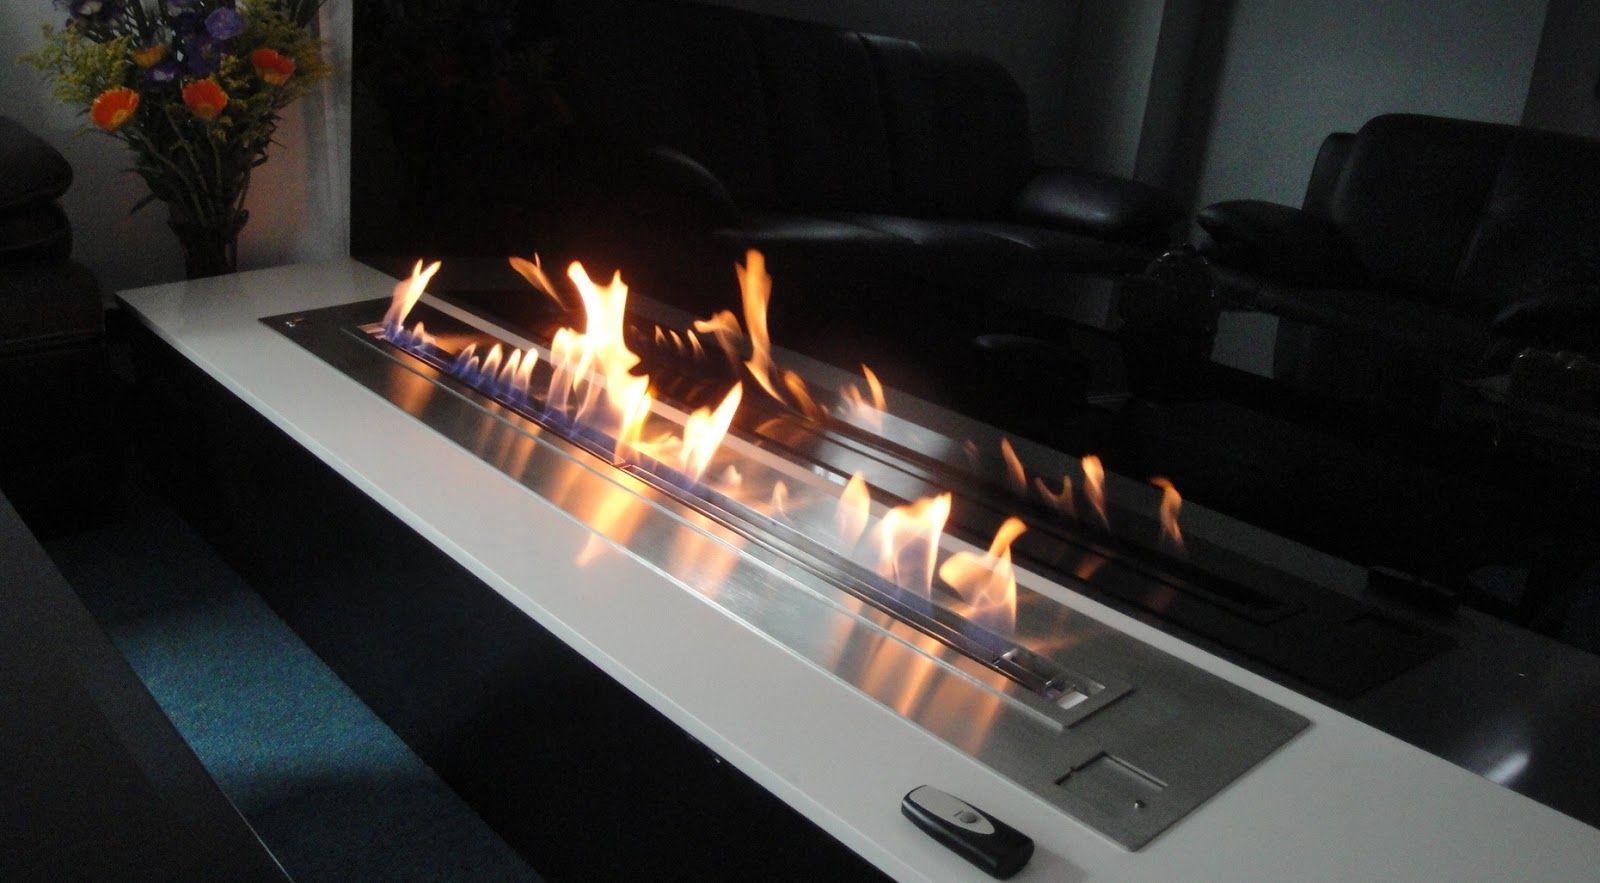 Épinglé par afire fireplace sur bruleur ethanol long xl, xxl